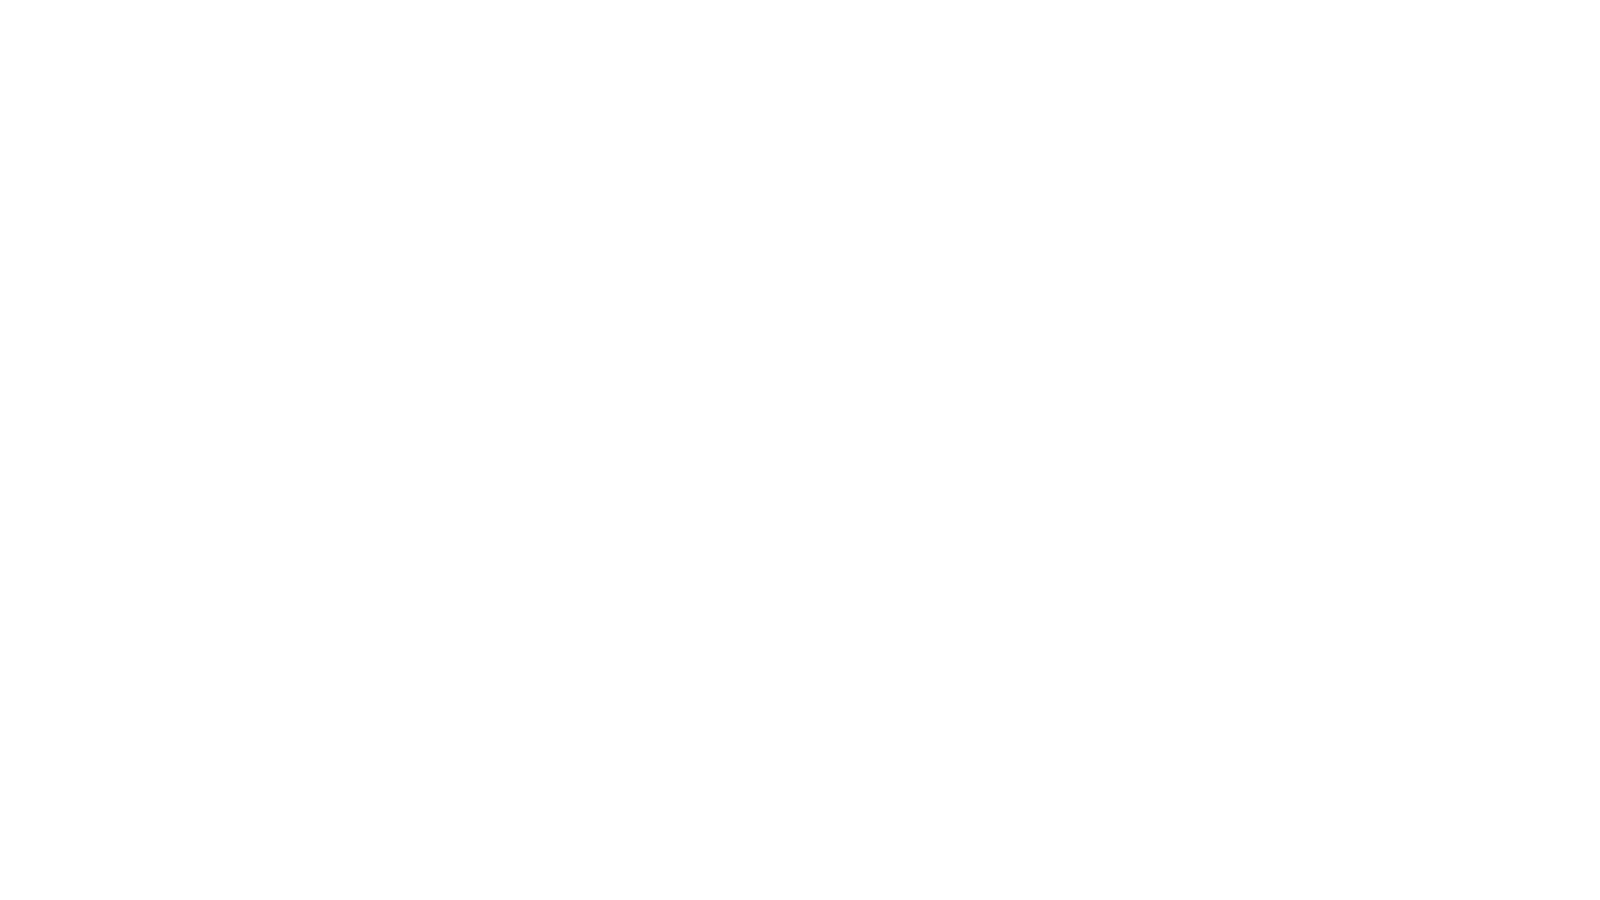 In questa intervista conosciamo meglio Orazio Vittorio, ricercatore scientifico del Children's Cancer Institut, Università del New South Wales in Australia. In particolare il dottor Vittorio è a capo di un progetto di ricerca sui tumori pediatrici. Con lui abbiamo parlato di come è diventato un ricercatore, di una storia personale che l'ha indirizzato proprio verso i tumori nei bambini, delle differenze tra Italia e Australia nel campo della ricerca scientifica, di immunoterapia.